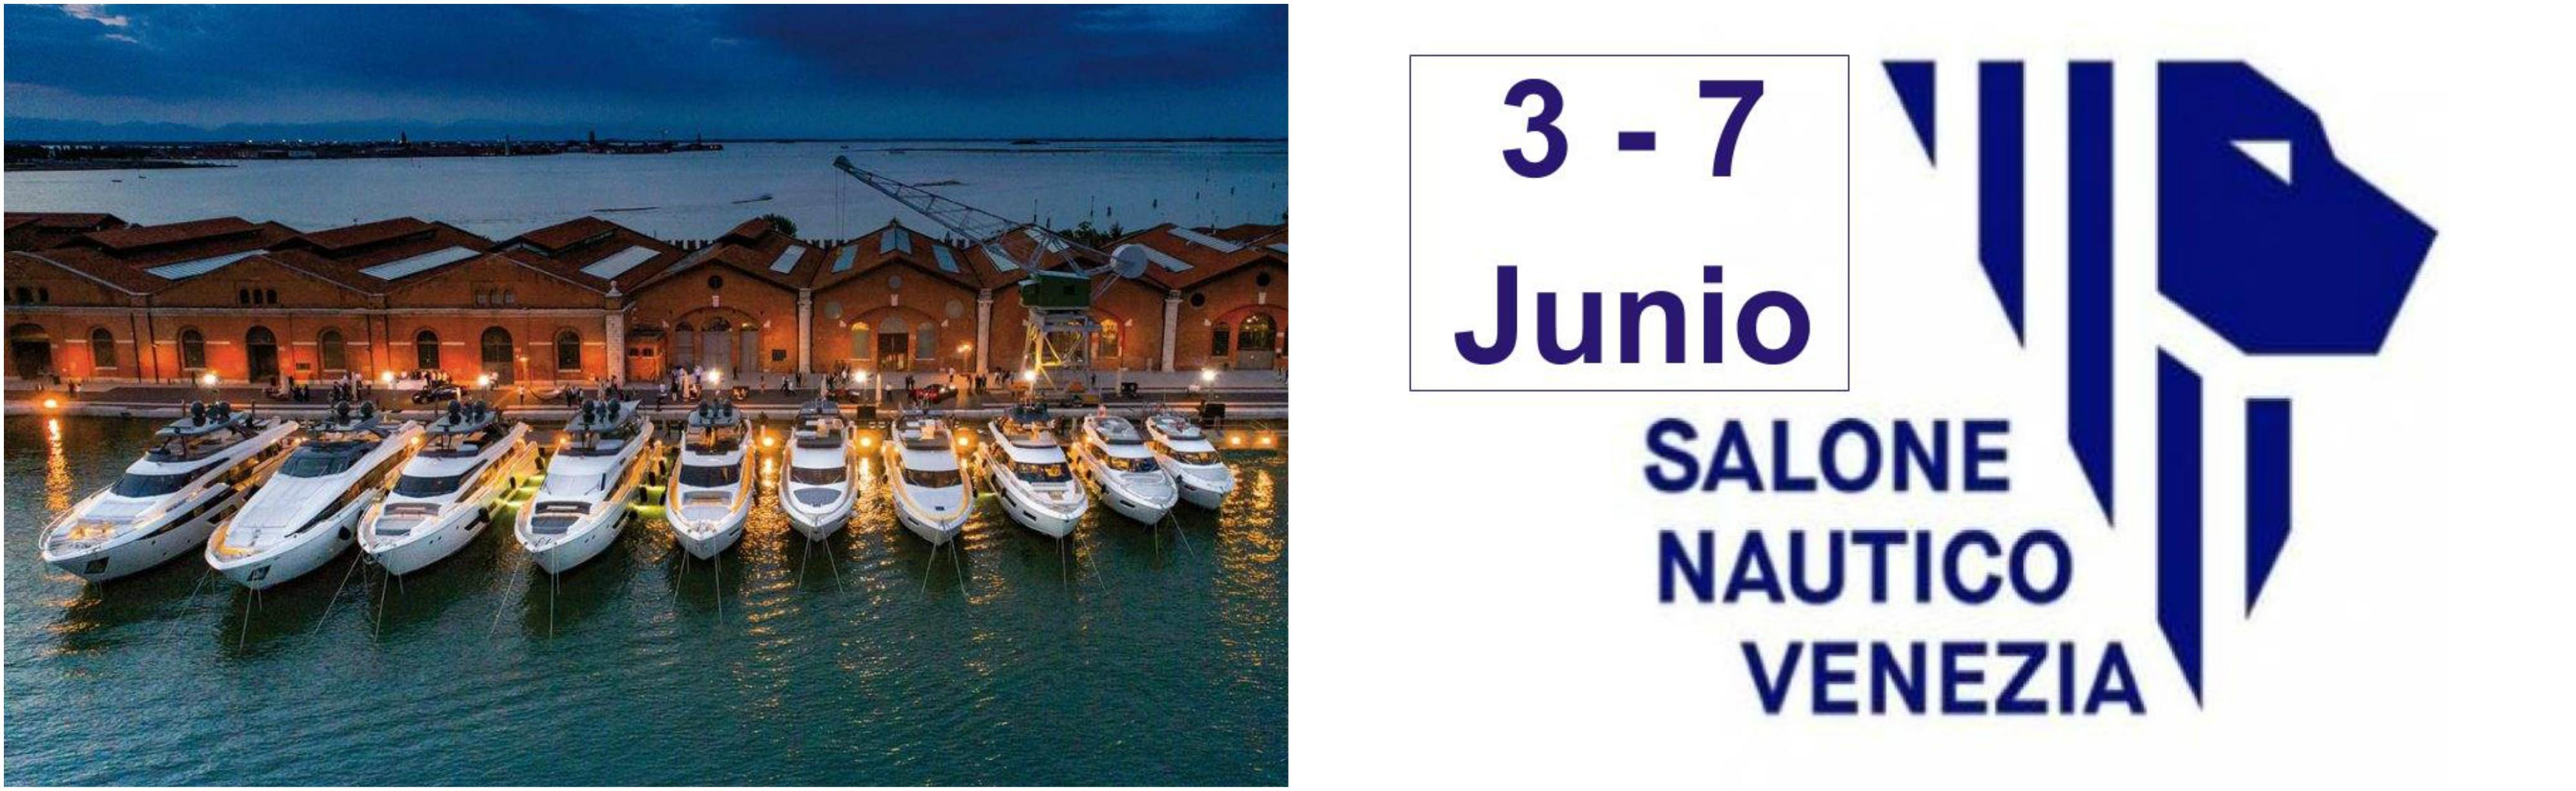 venecia boat show